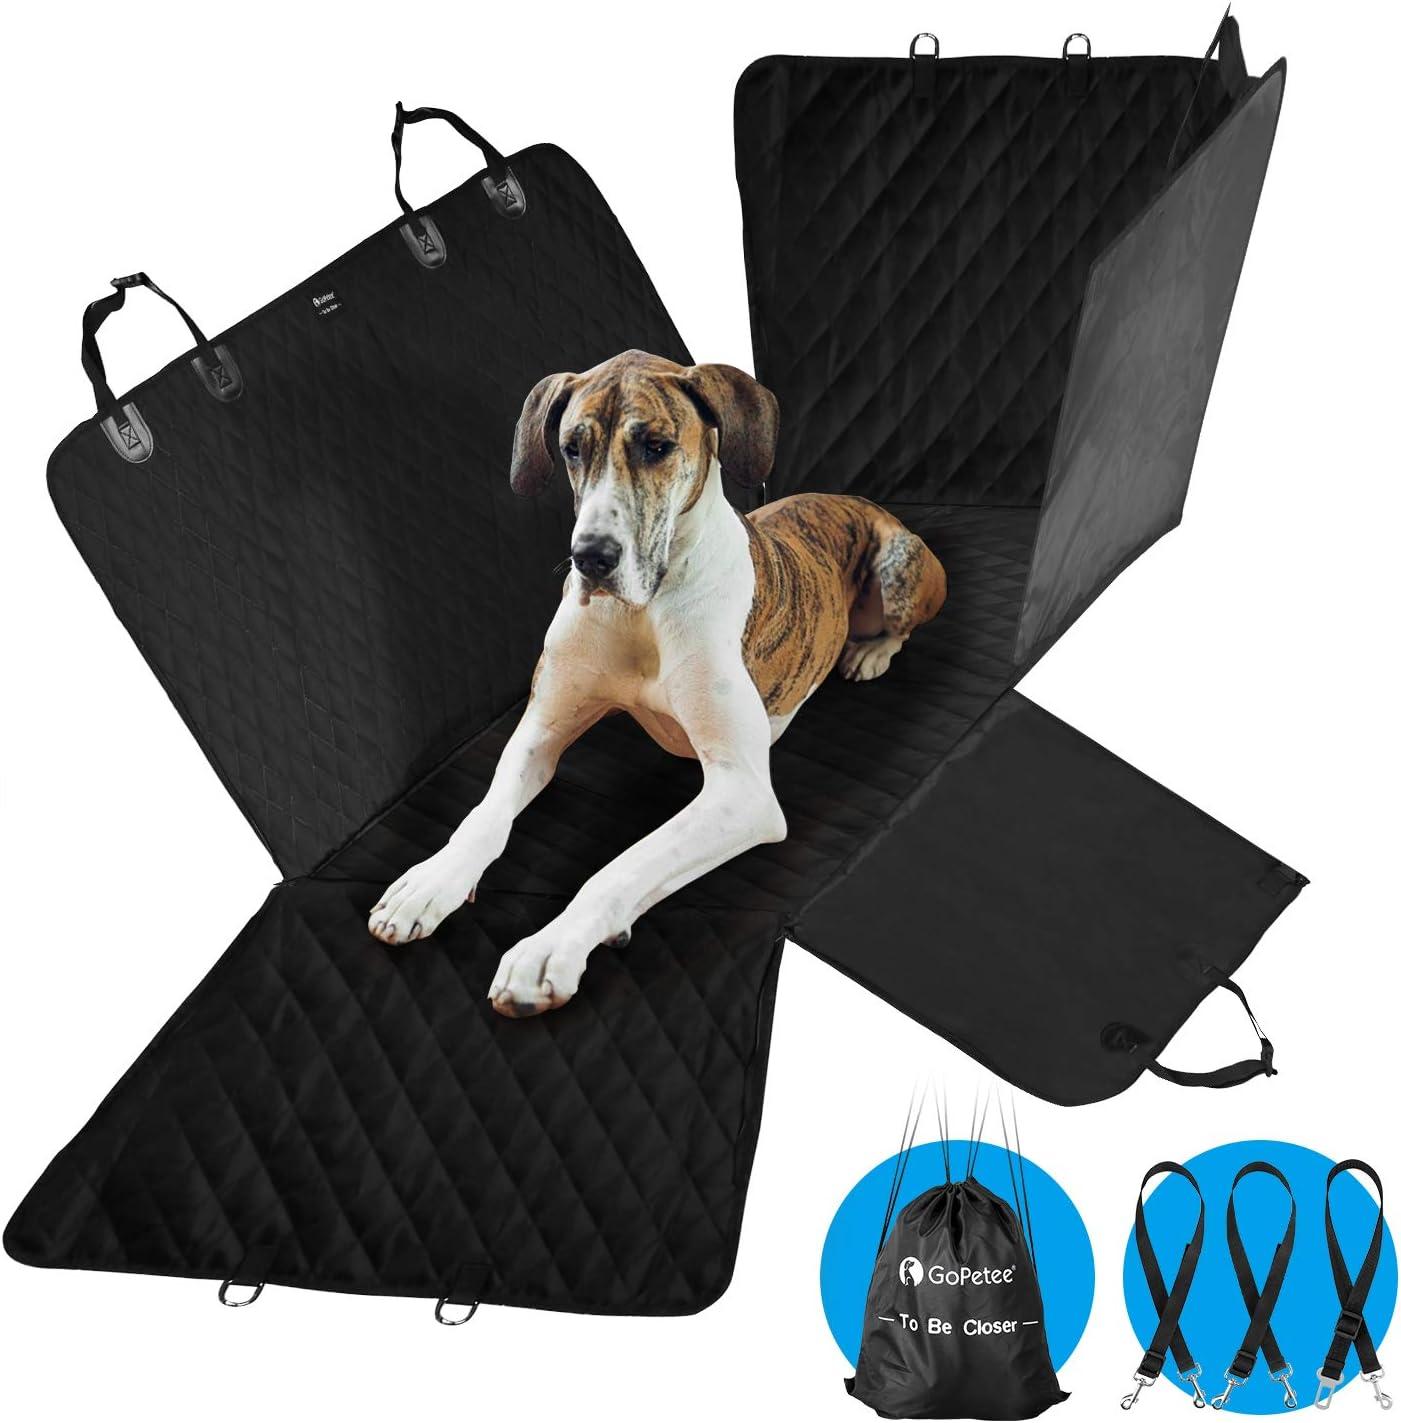 GoPetee Fundas Perro para Coche Resistente Cubierta Asiento Coche para Perros Impermeable Protector de Asiento de Autos Antideslizante para Mascotas Portátil para Viaje con Hebilla de Seguridad